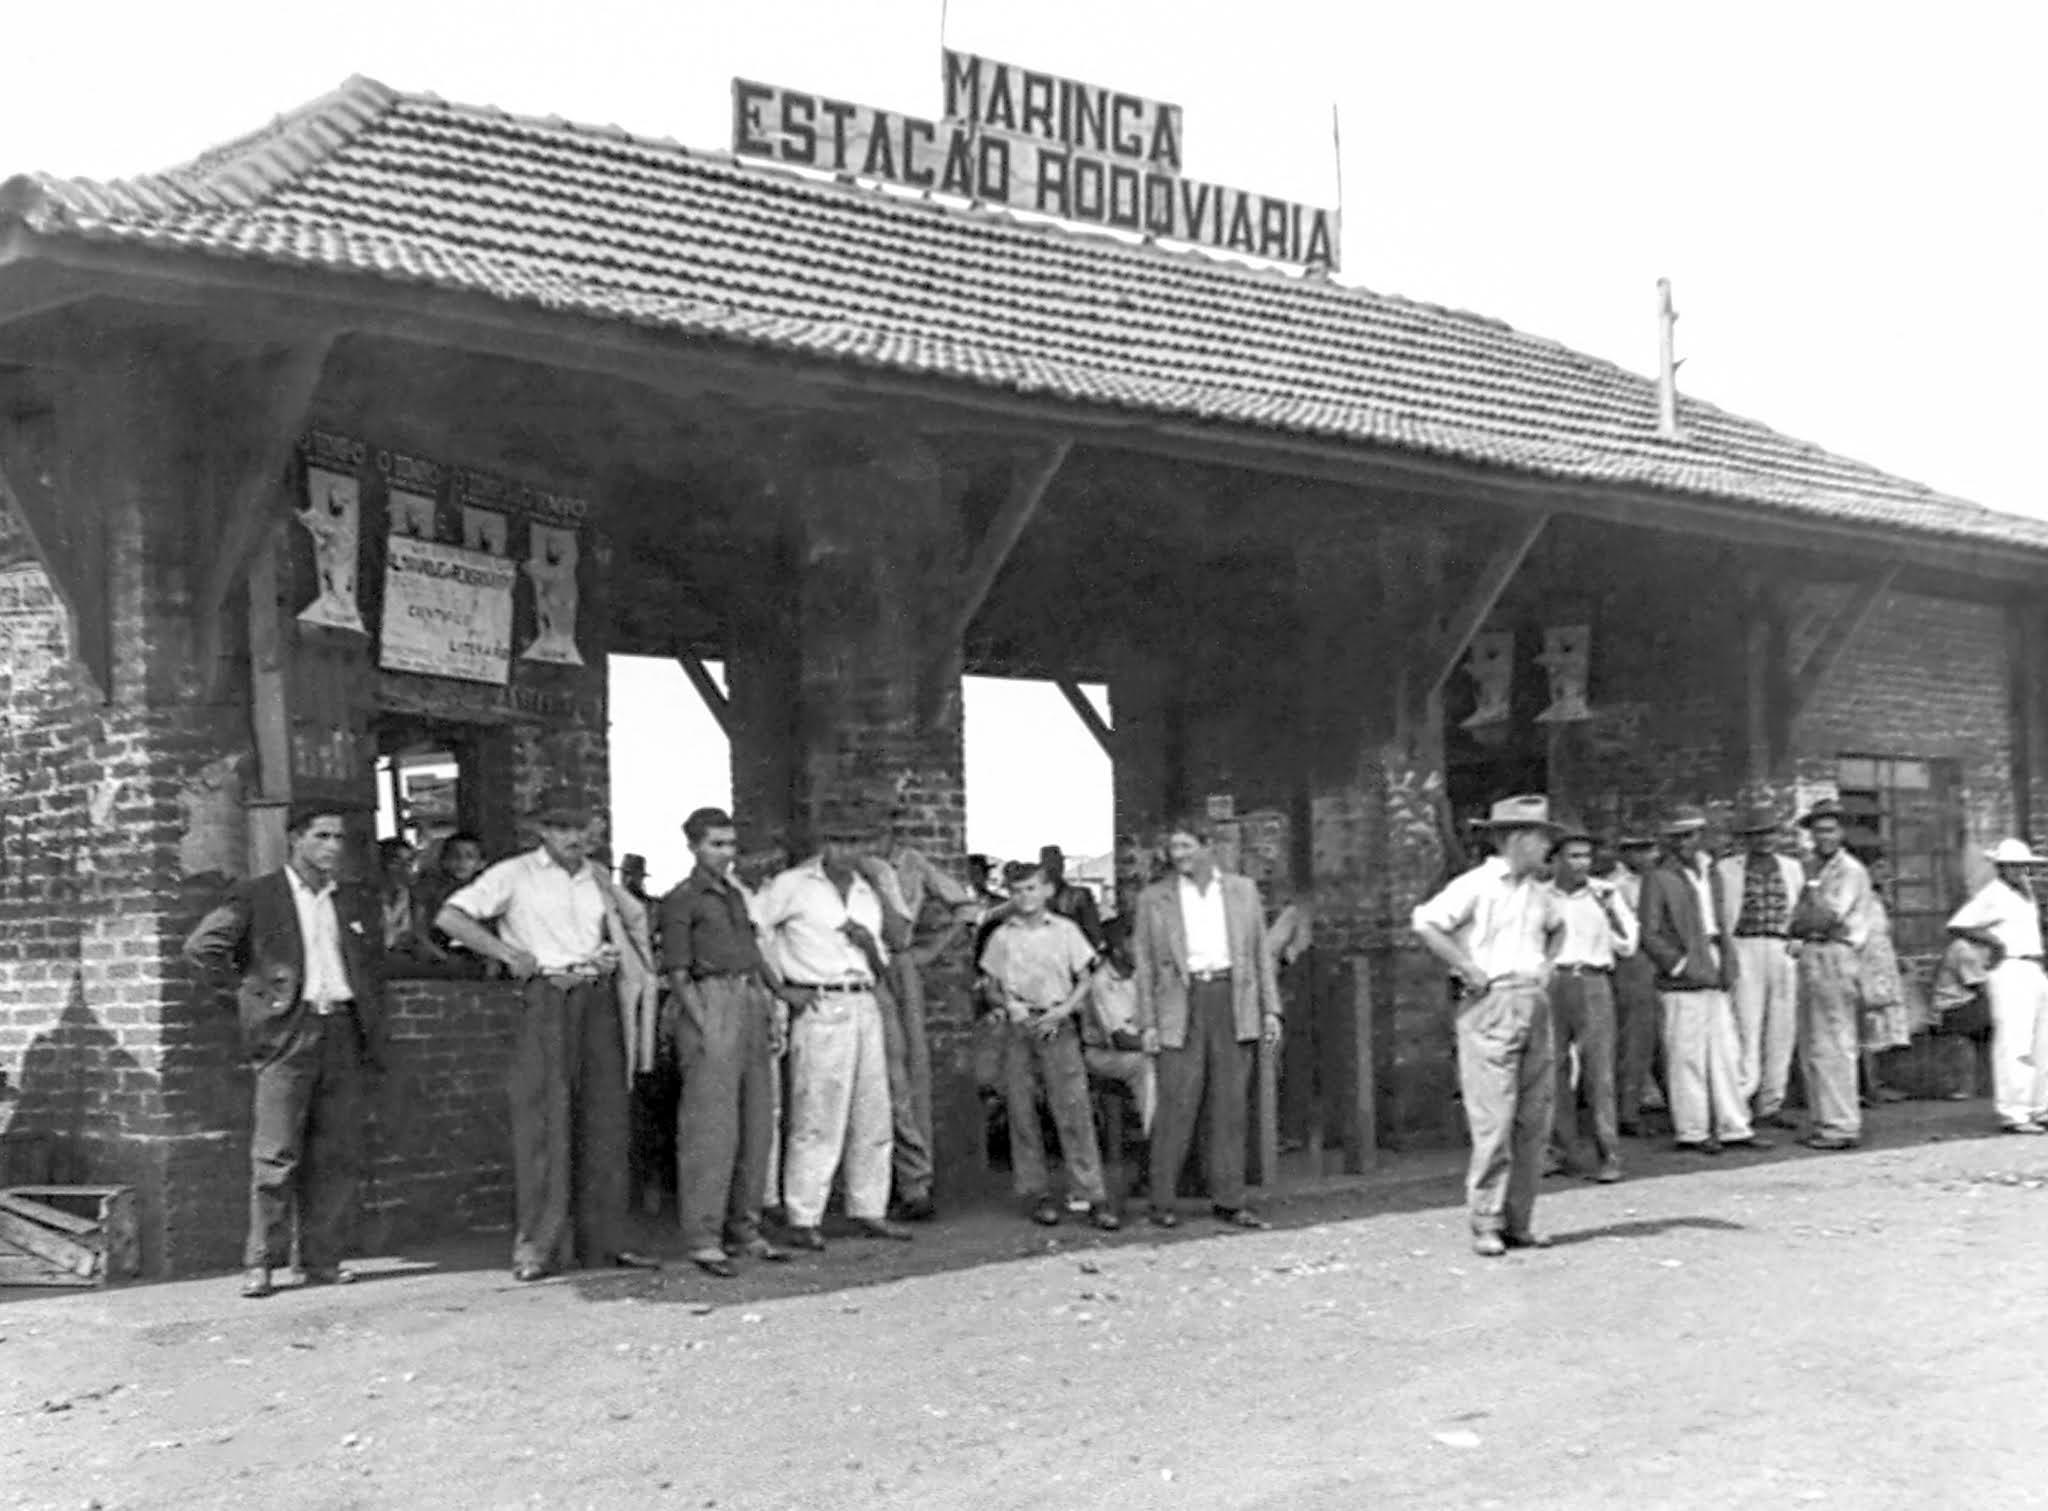 Estação Rodoviária - Década de 1950